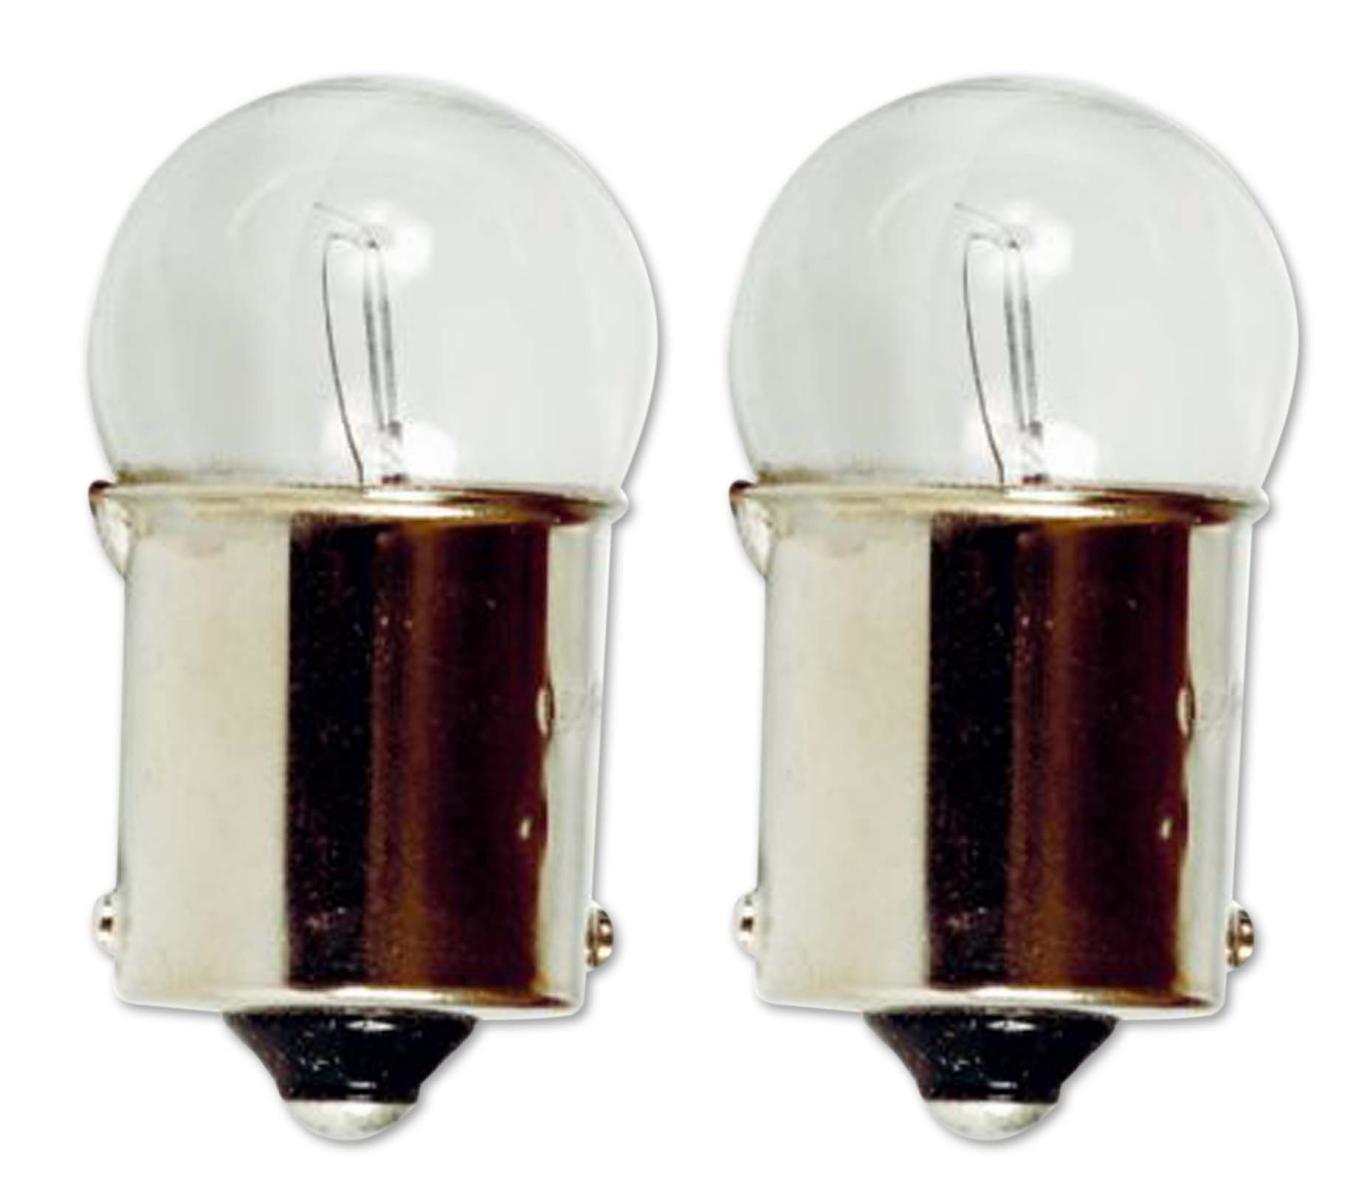 bottari-30152x-lamp-12v-5w-ba15s-caja-10-unidades